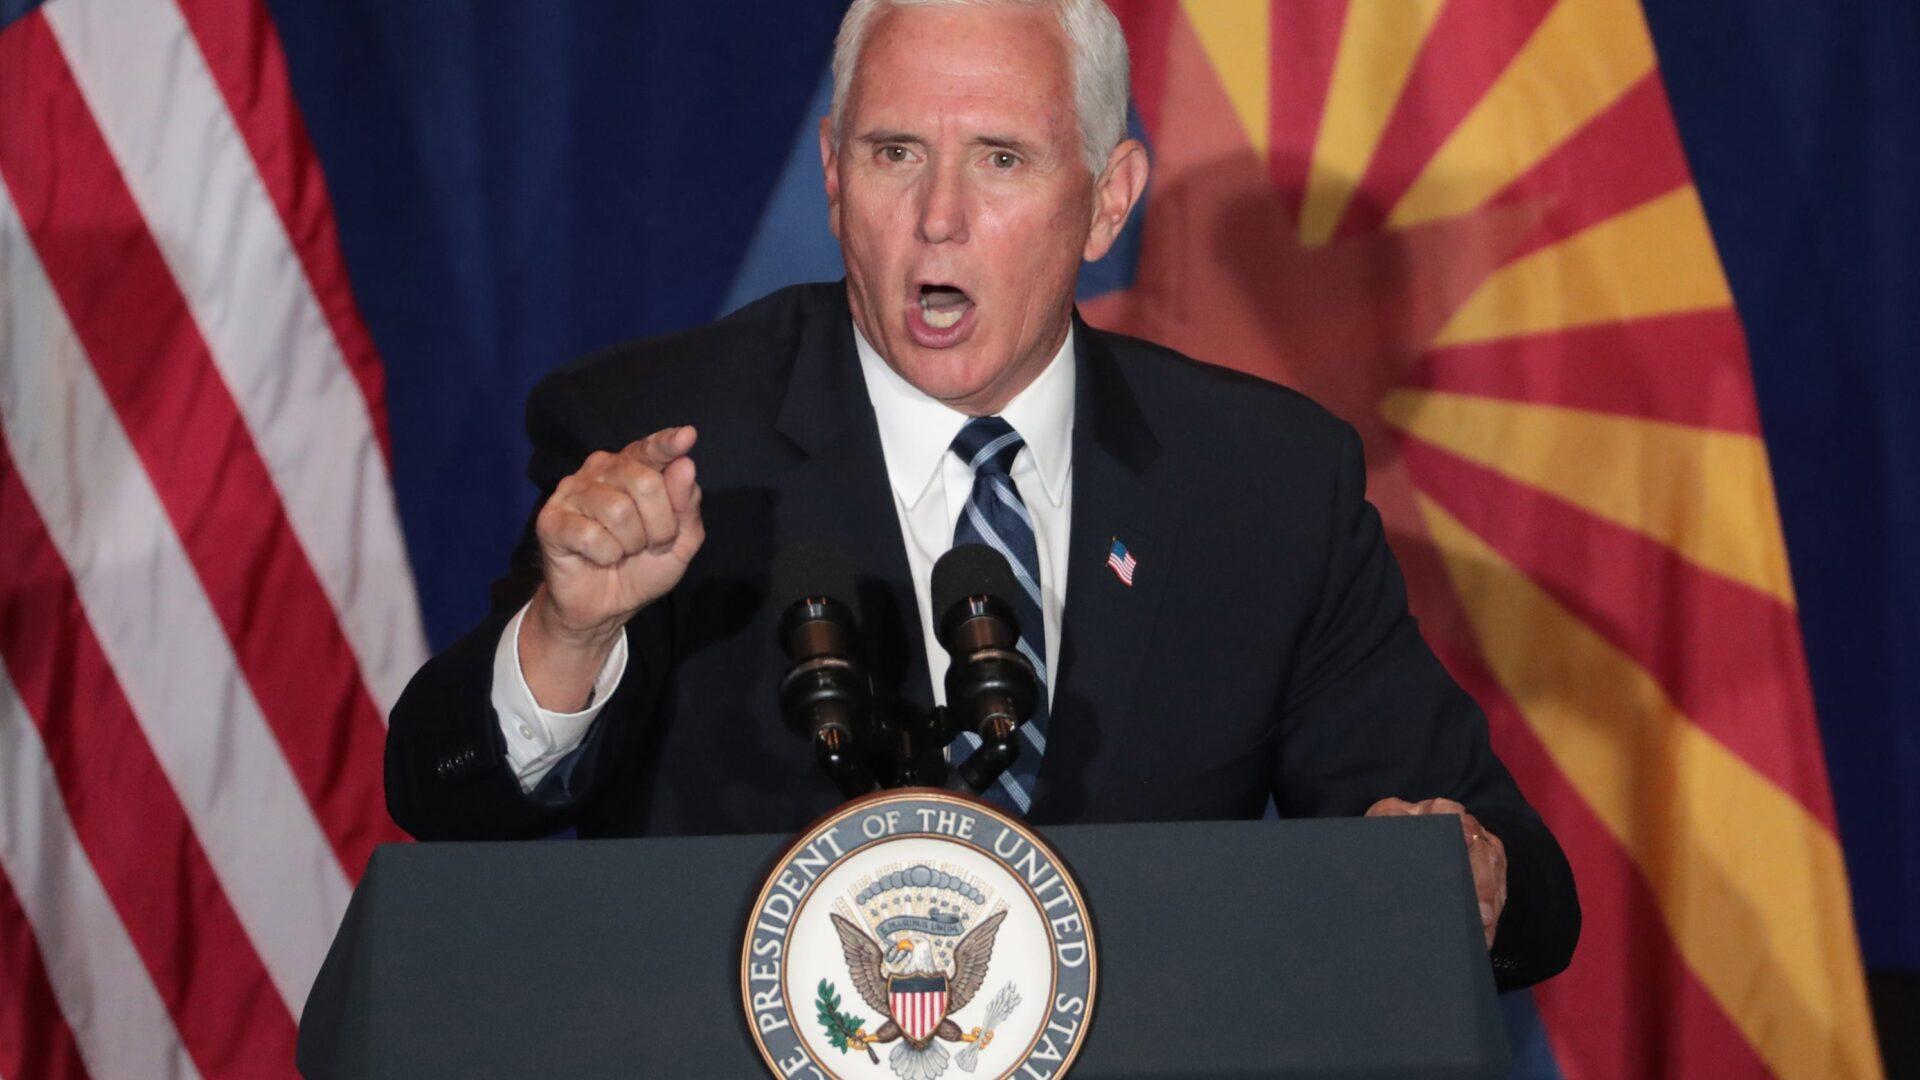 Mike Pence Declares Biden Winner, Leaders React to